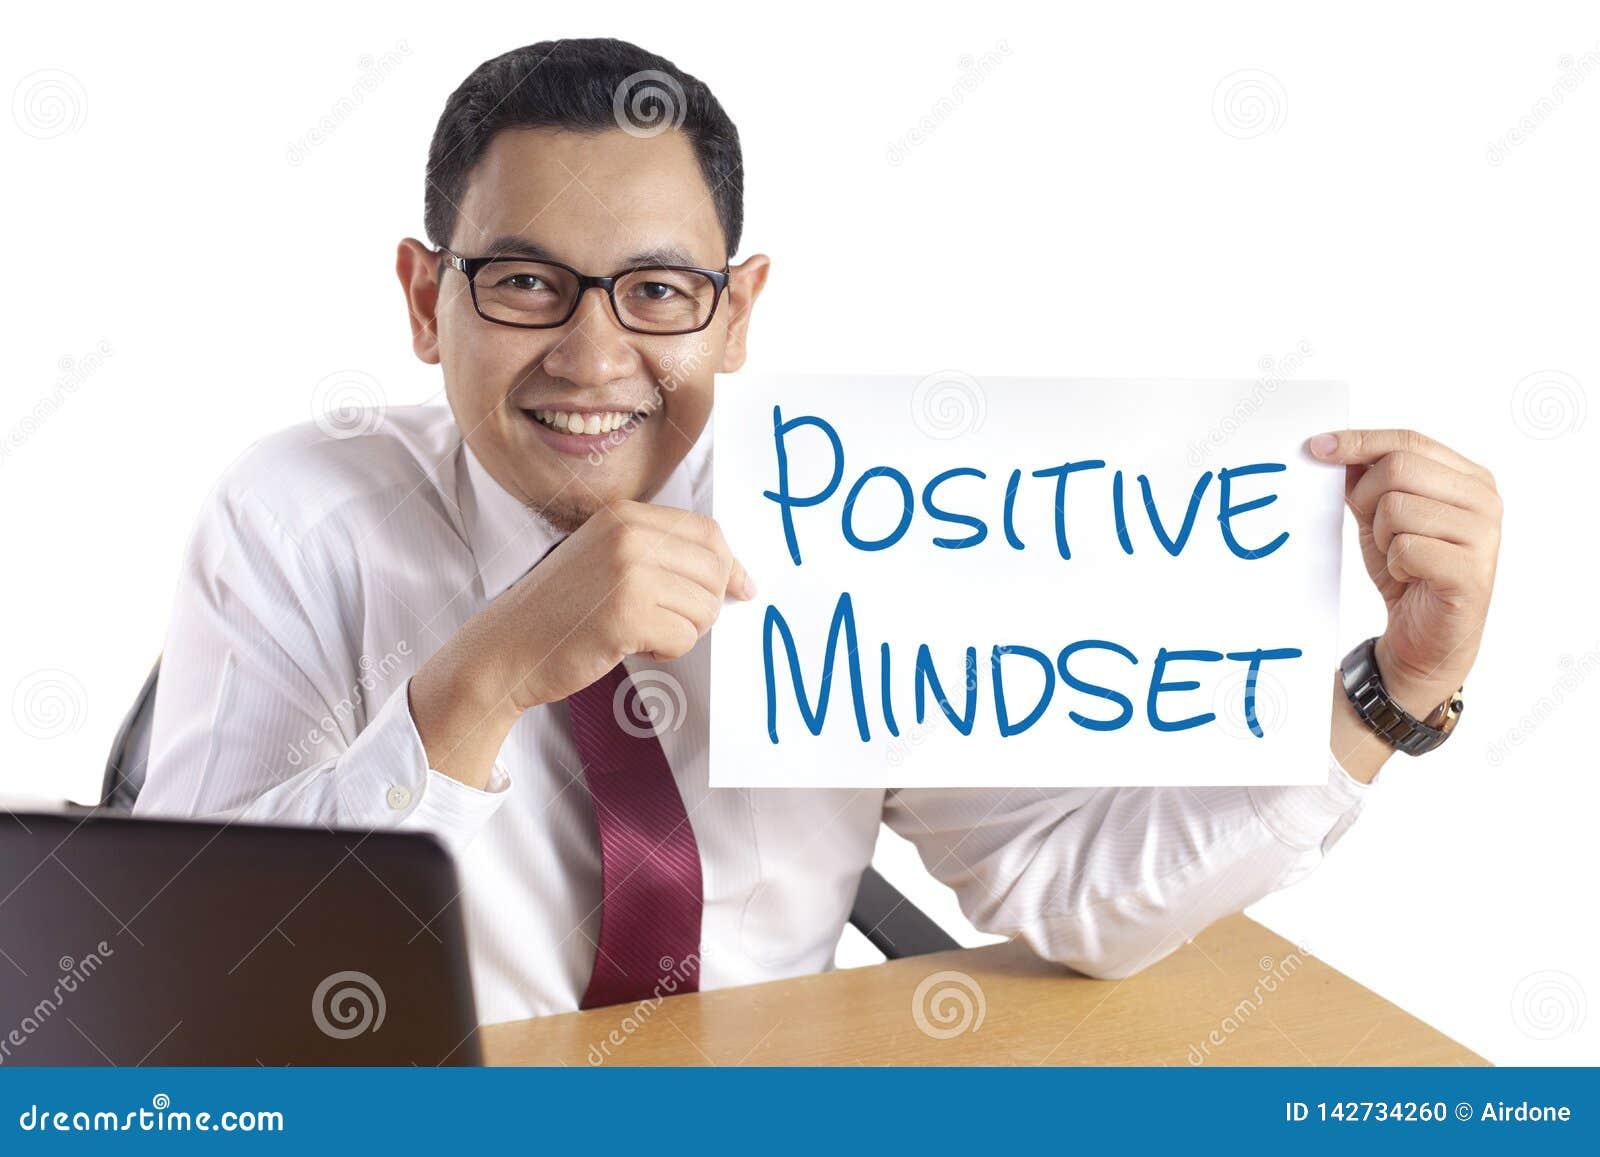 Положительный склад ума, мотивационная концепция цитат слов